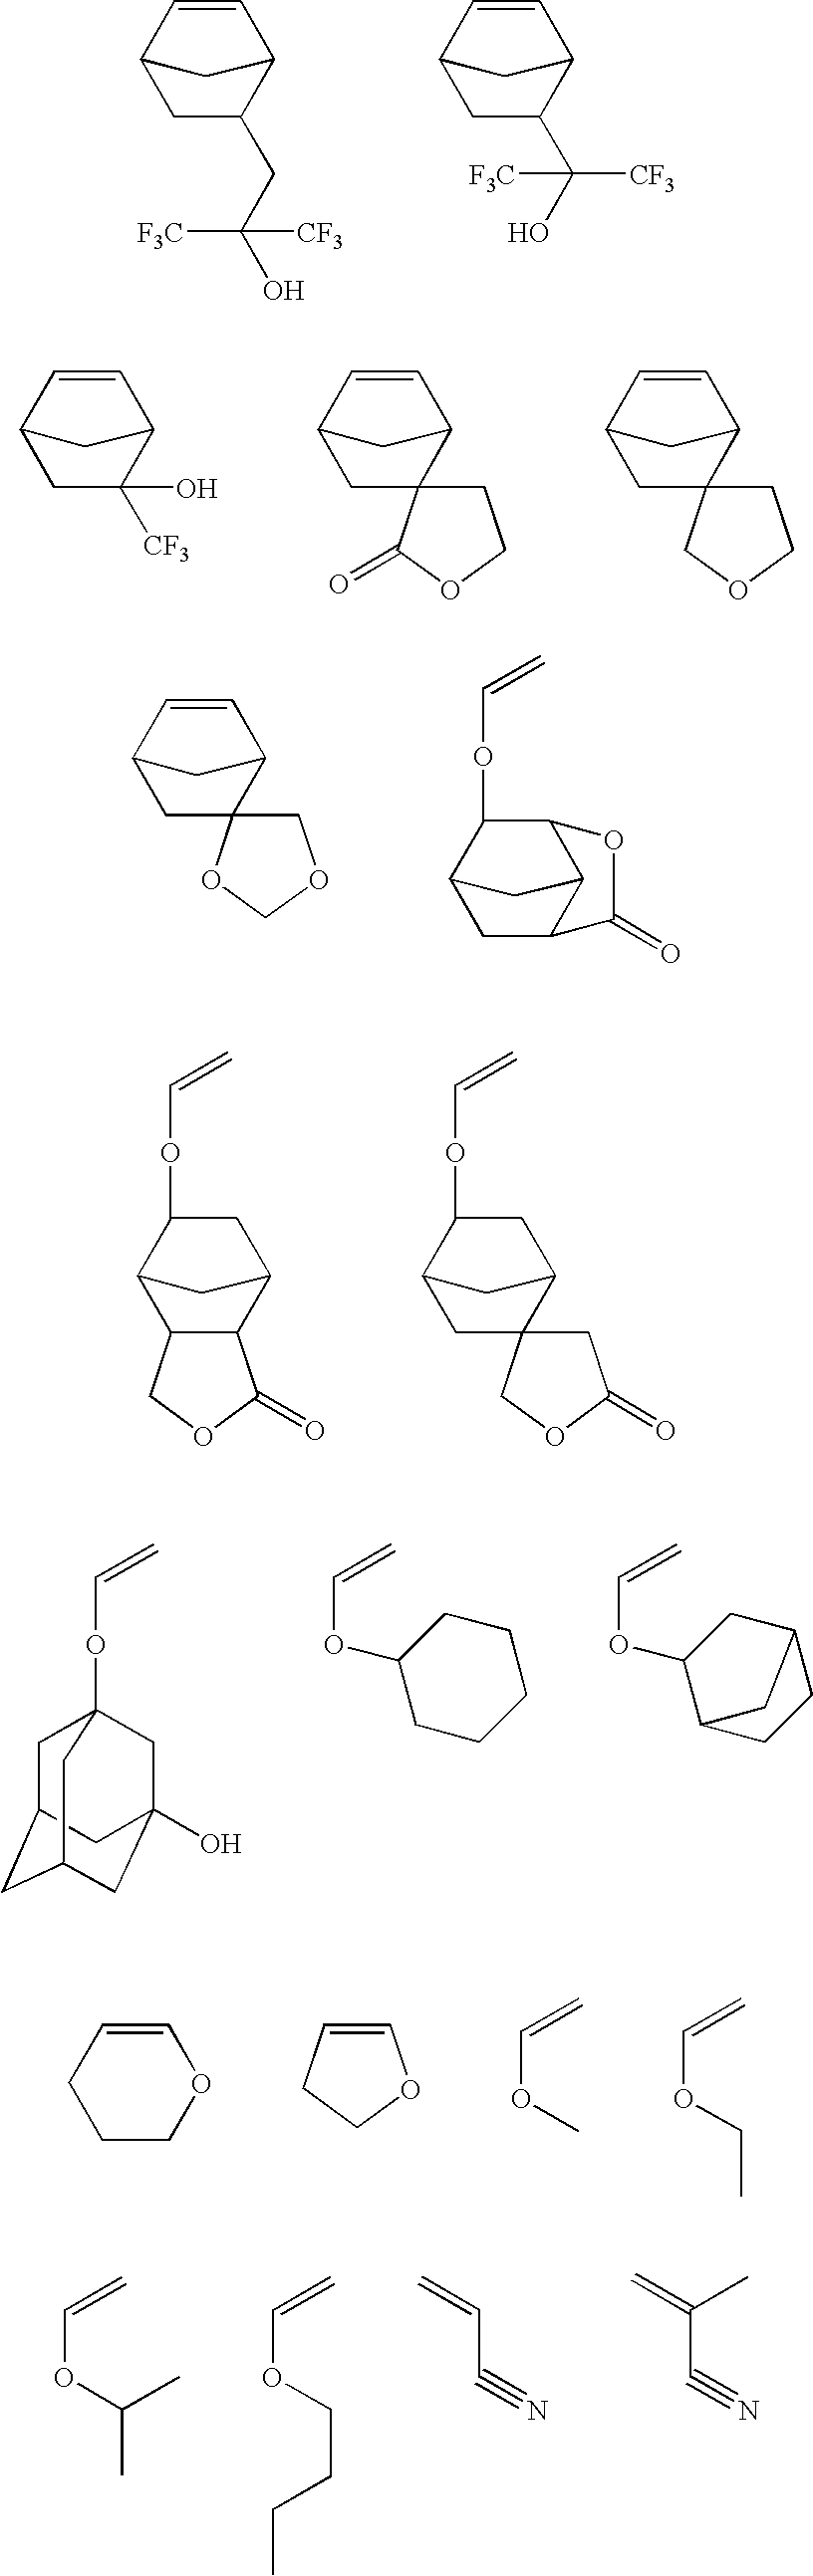 Figure US20100178617A1-20100715-C00035